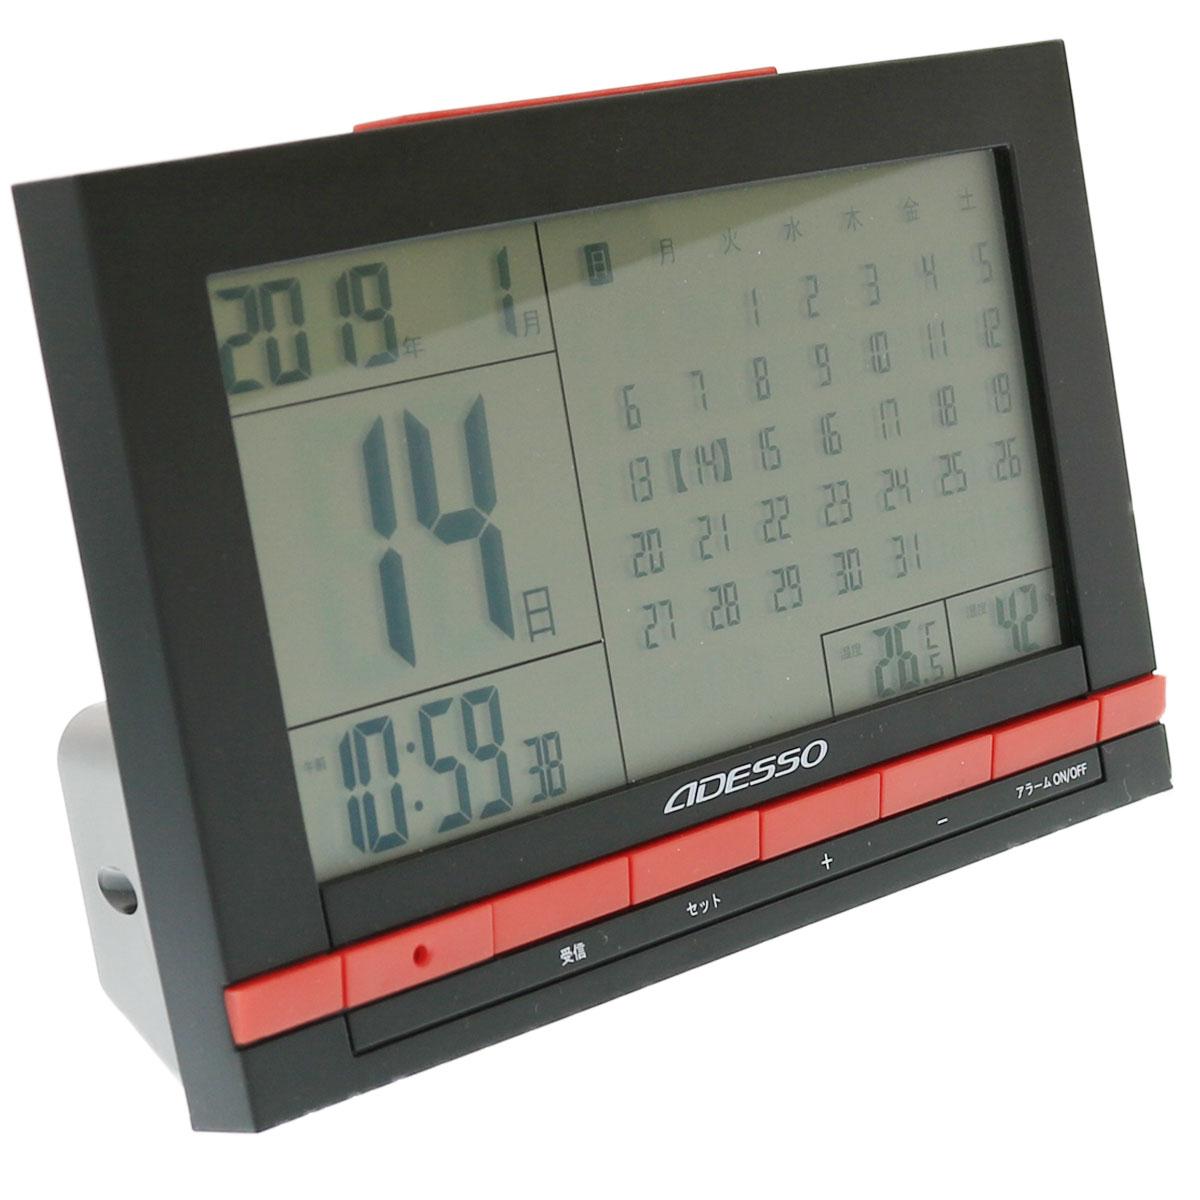 マンスリーカレンダー電波クロック